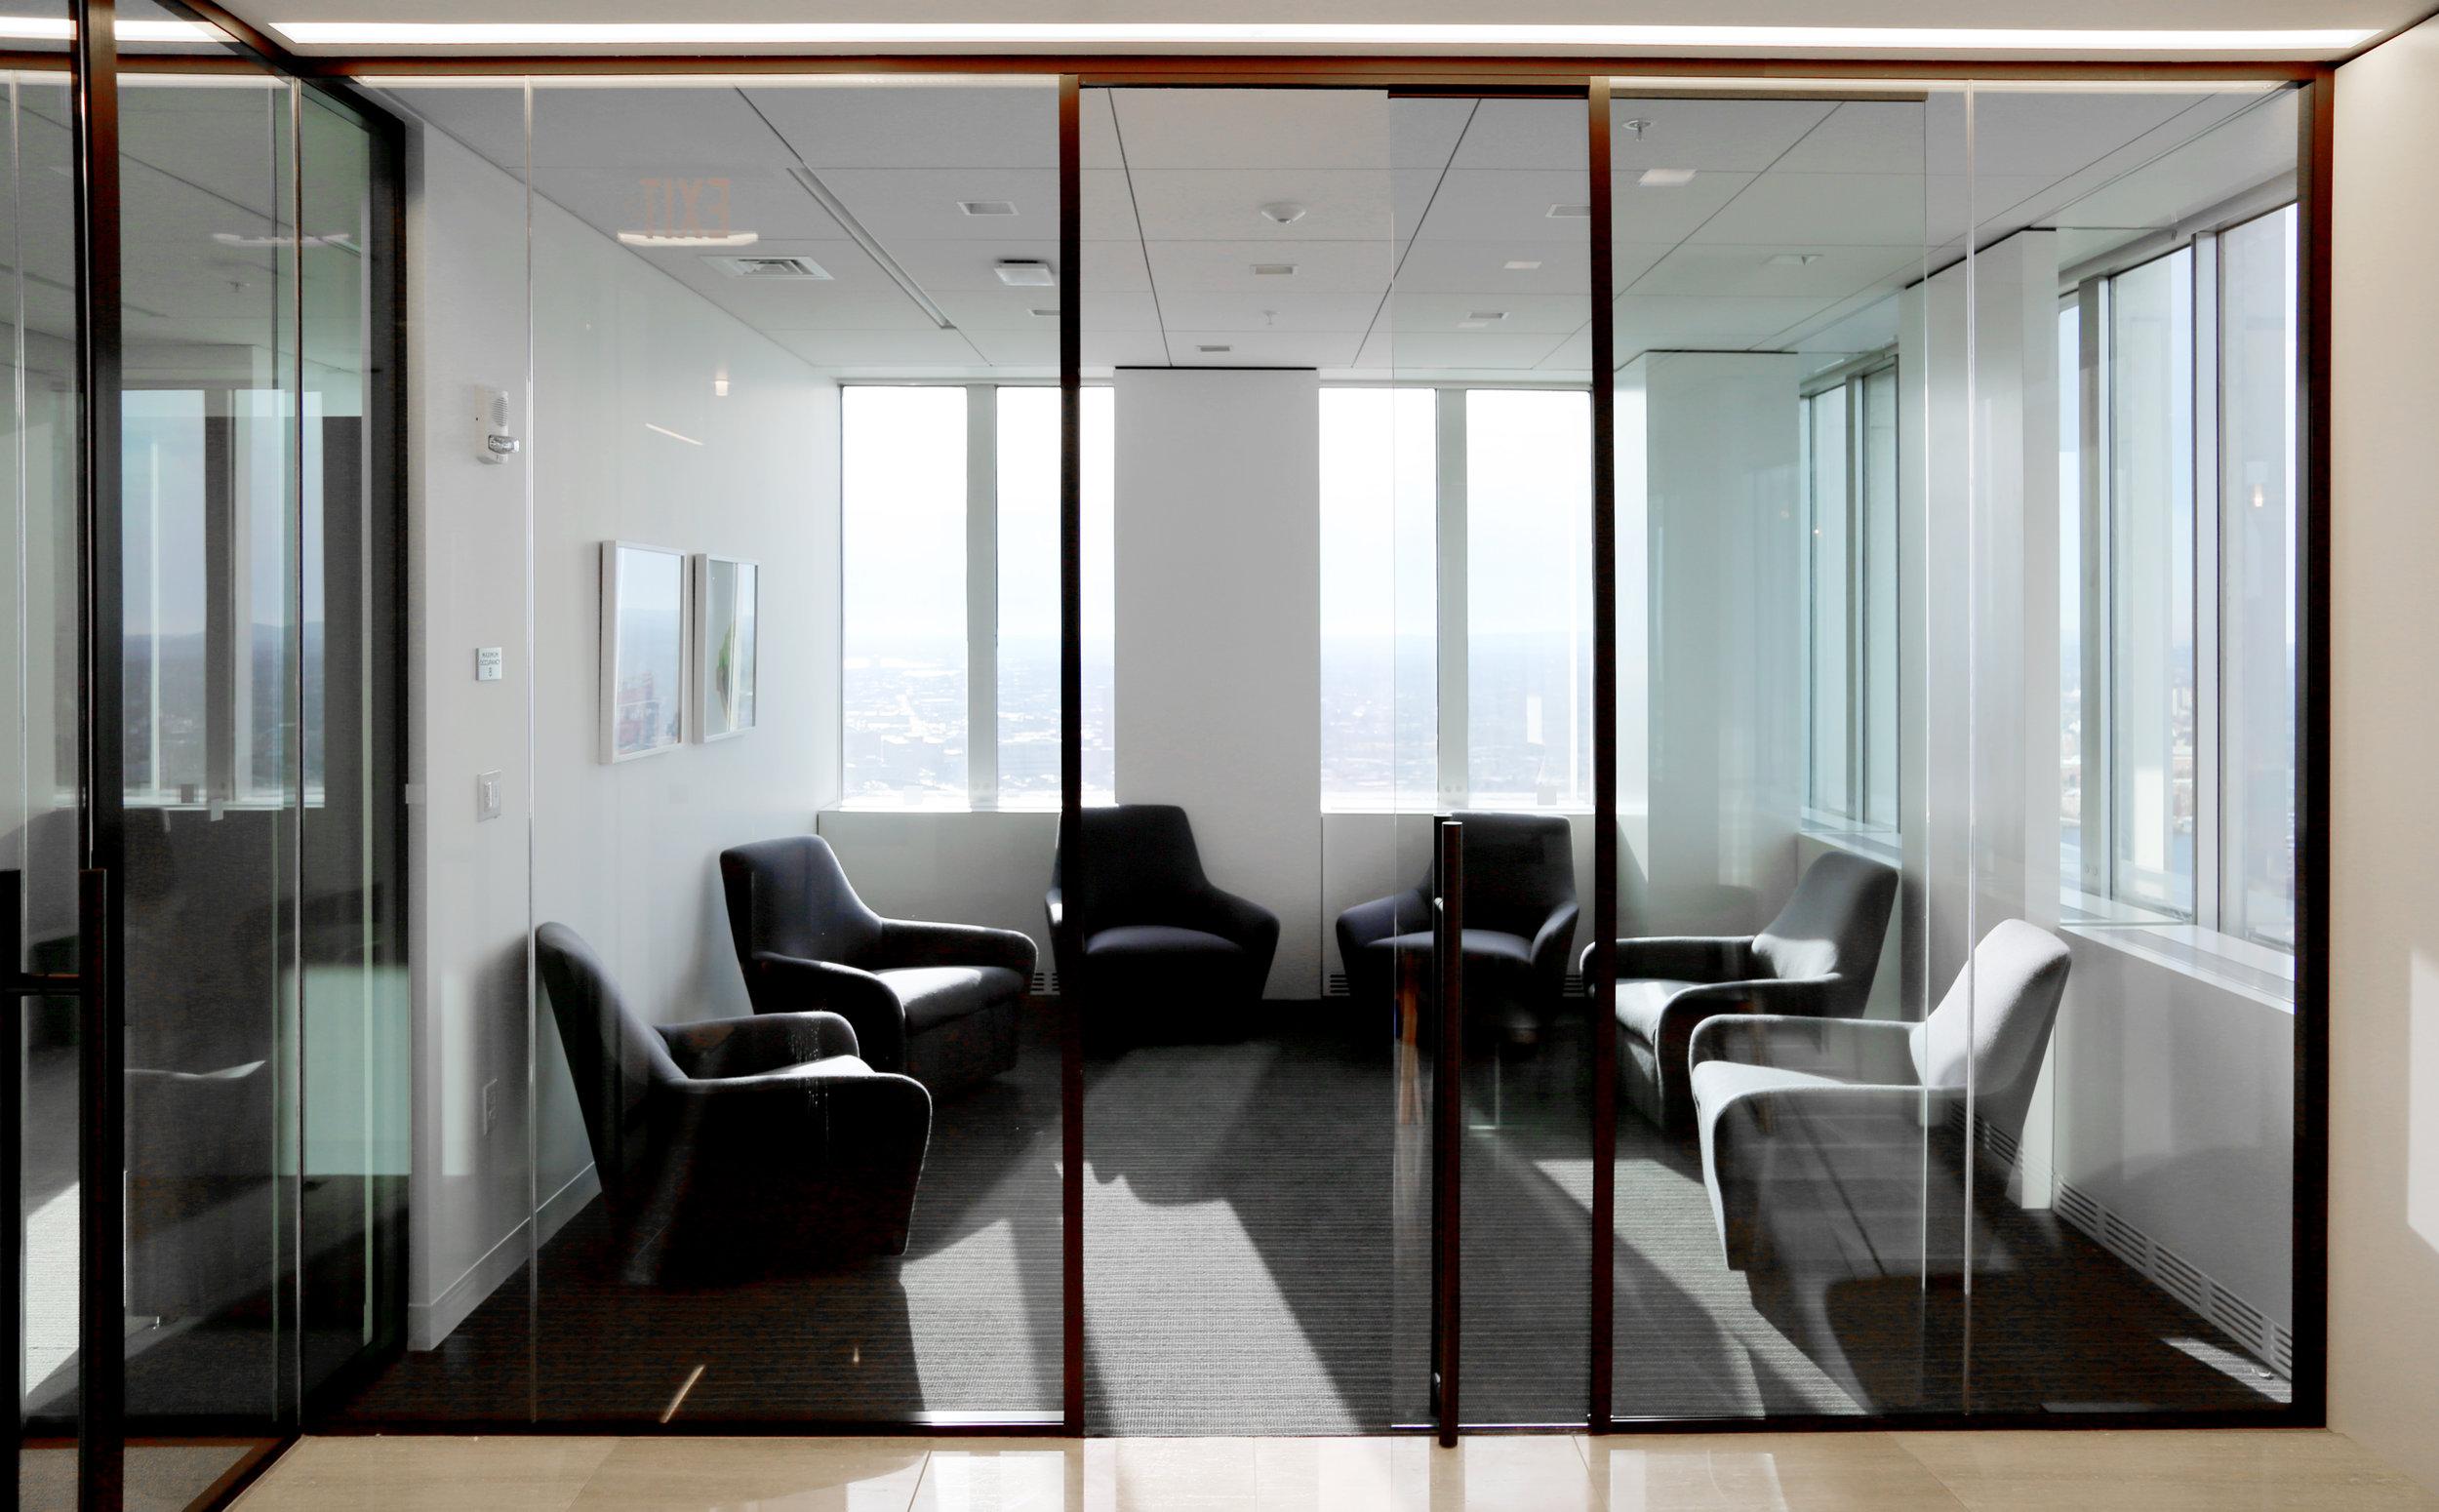 Modernus Glass Huddle Room Glass Sliding Door - Spaceworks AI.jpg